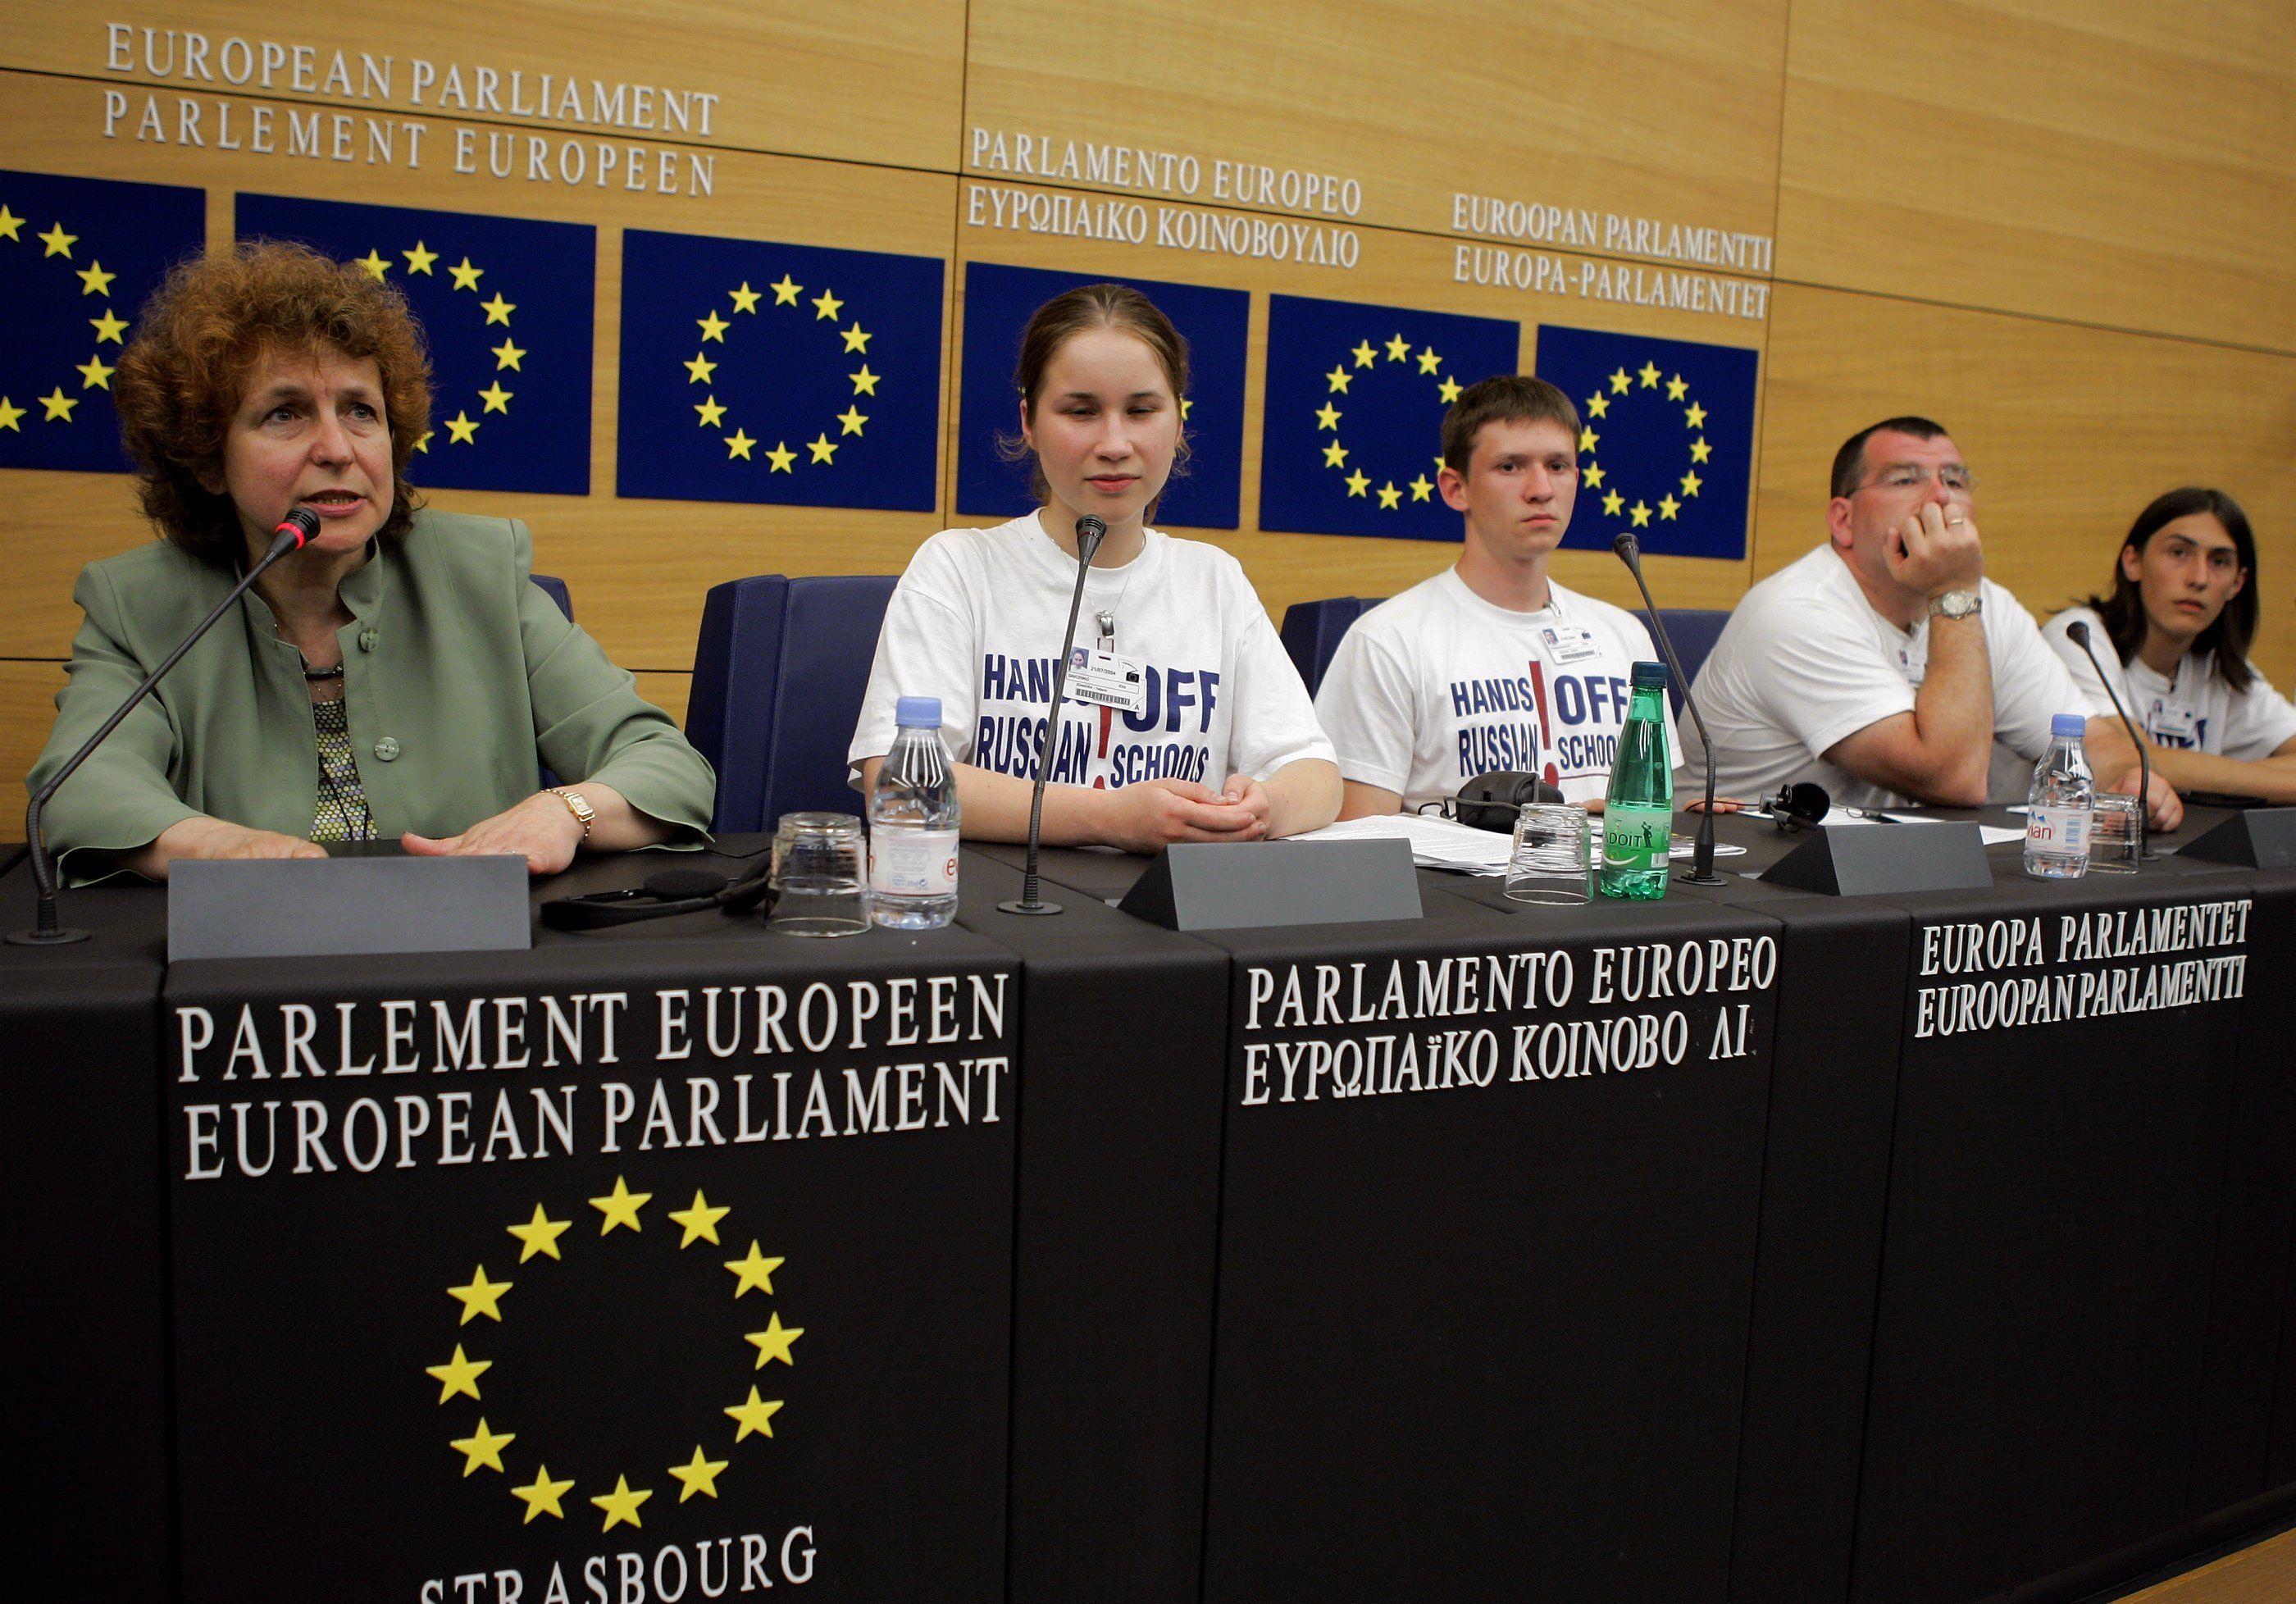 Татьяна Жданок (слева) и латвийские школьники во время пресс-конференции в Европейском парламенте в Страсбурге, 21 июля 2004 года